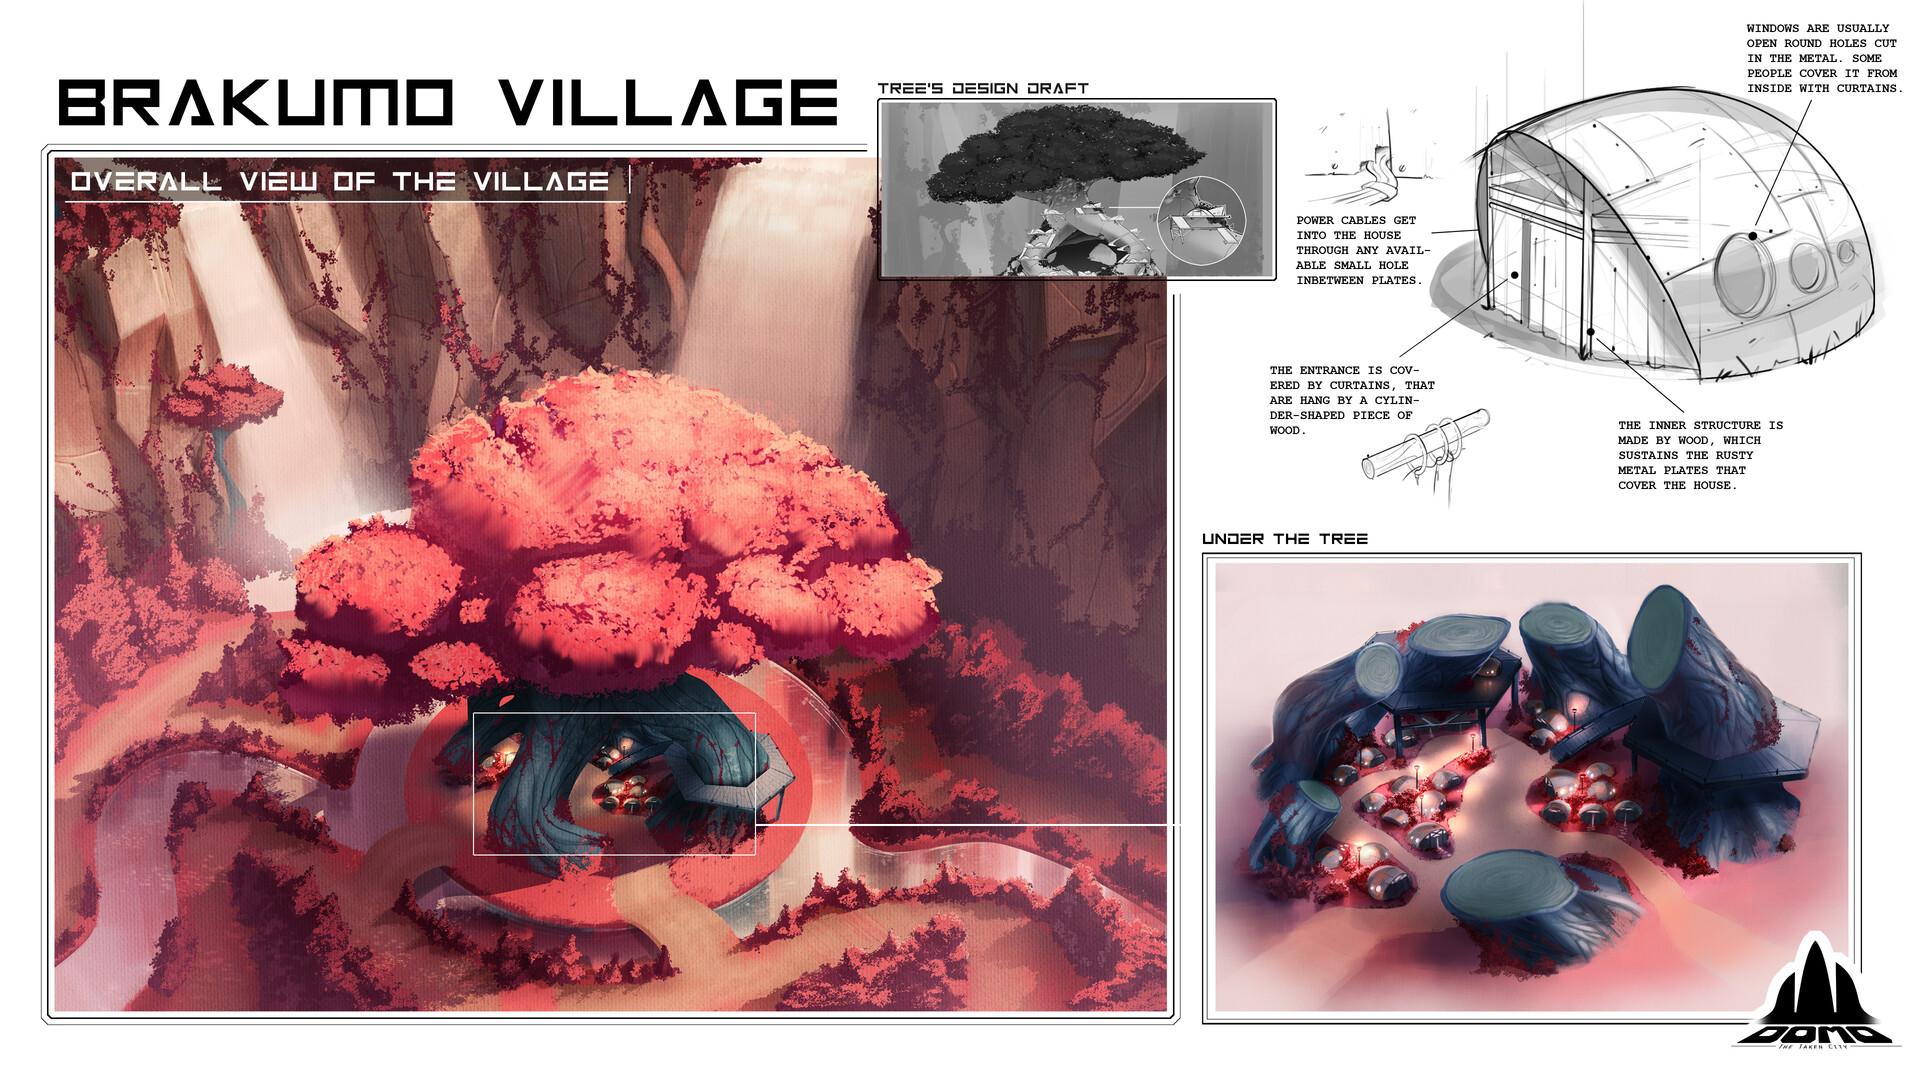 Matheus freitas brakumo village concept art sheet